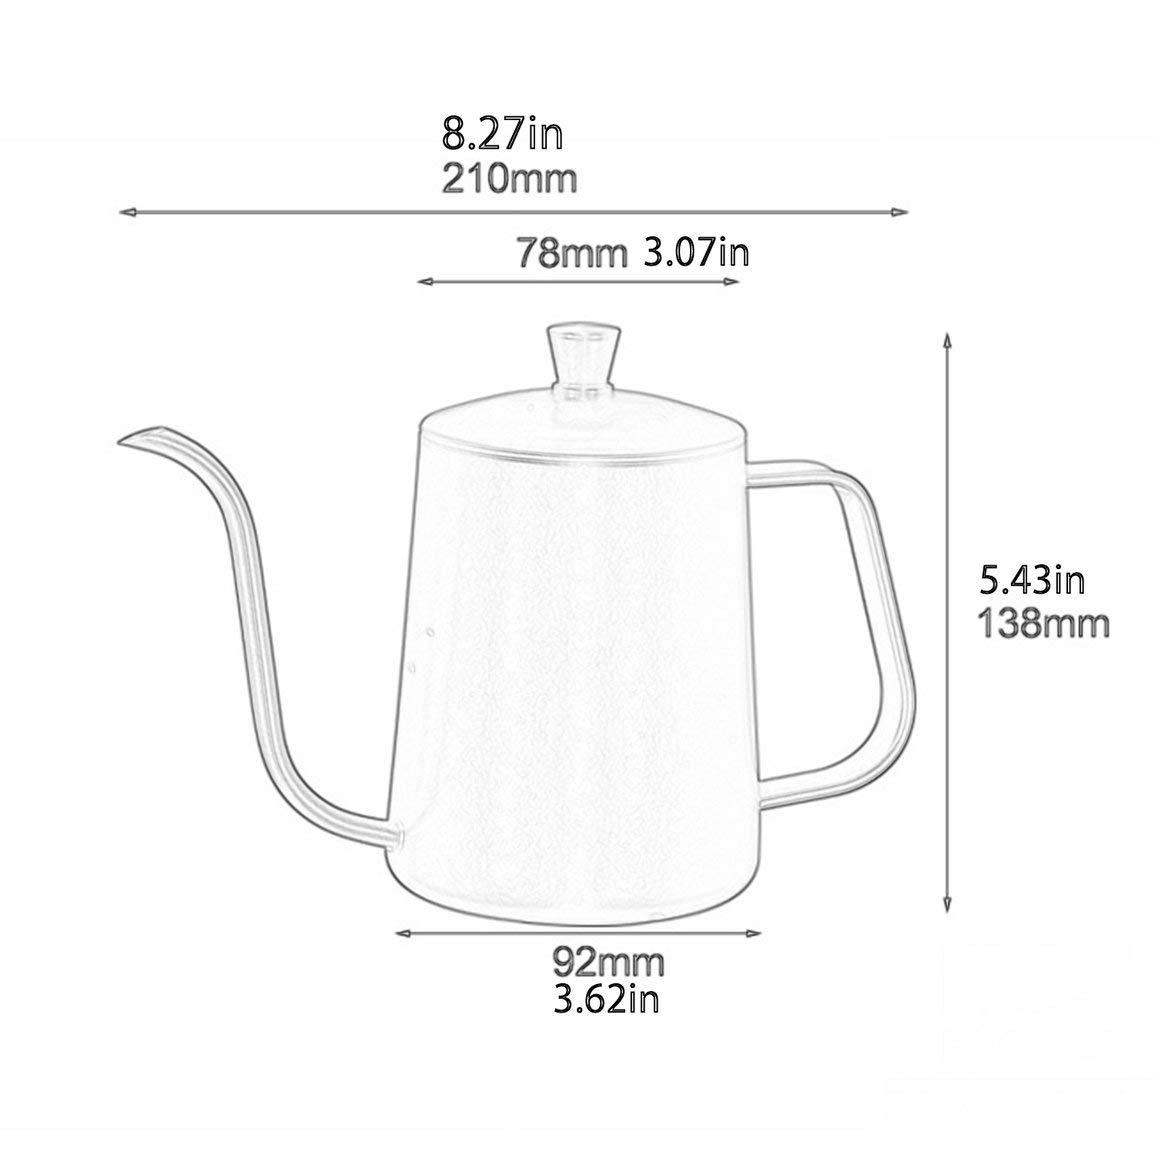 Bollitore per caff/è lungo beccuccio lungo in acciaio inossidabile Becco a collo di cigno Bollitore per caff/è con coperchio per cucina domestica Caffetteria Colore: nero